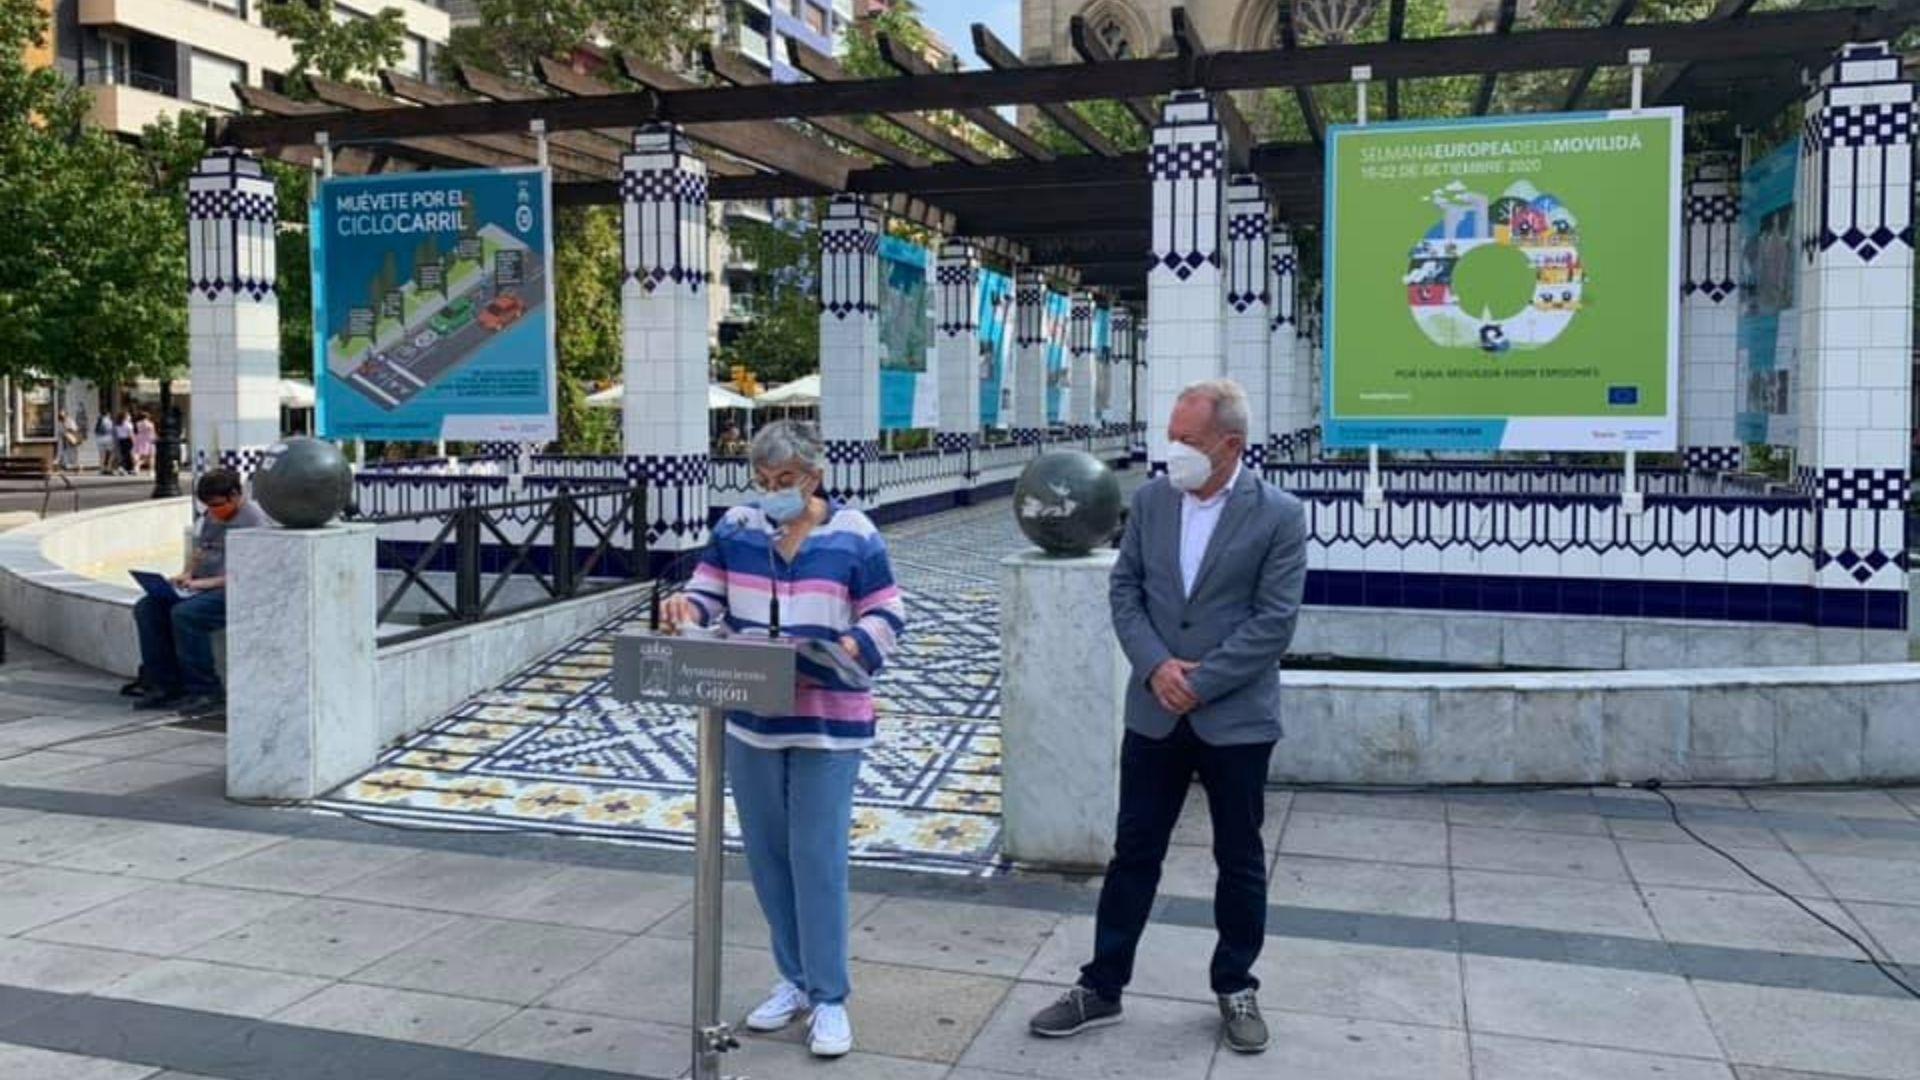 La alcaldesa de Gijón, Ana González, y el concejal de Movilidad, Aurelio Martín, en los campinos de Begoña